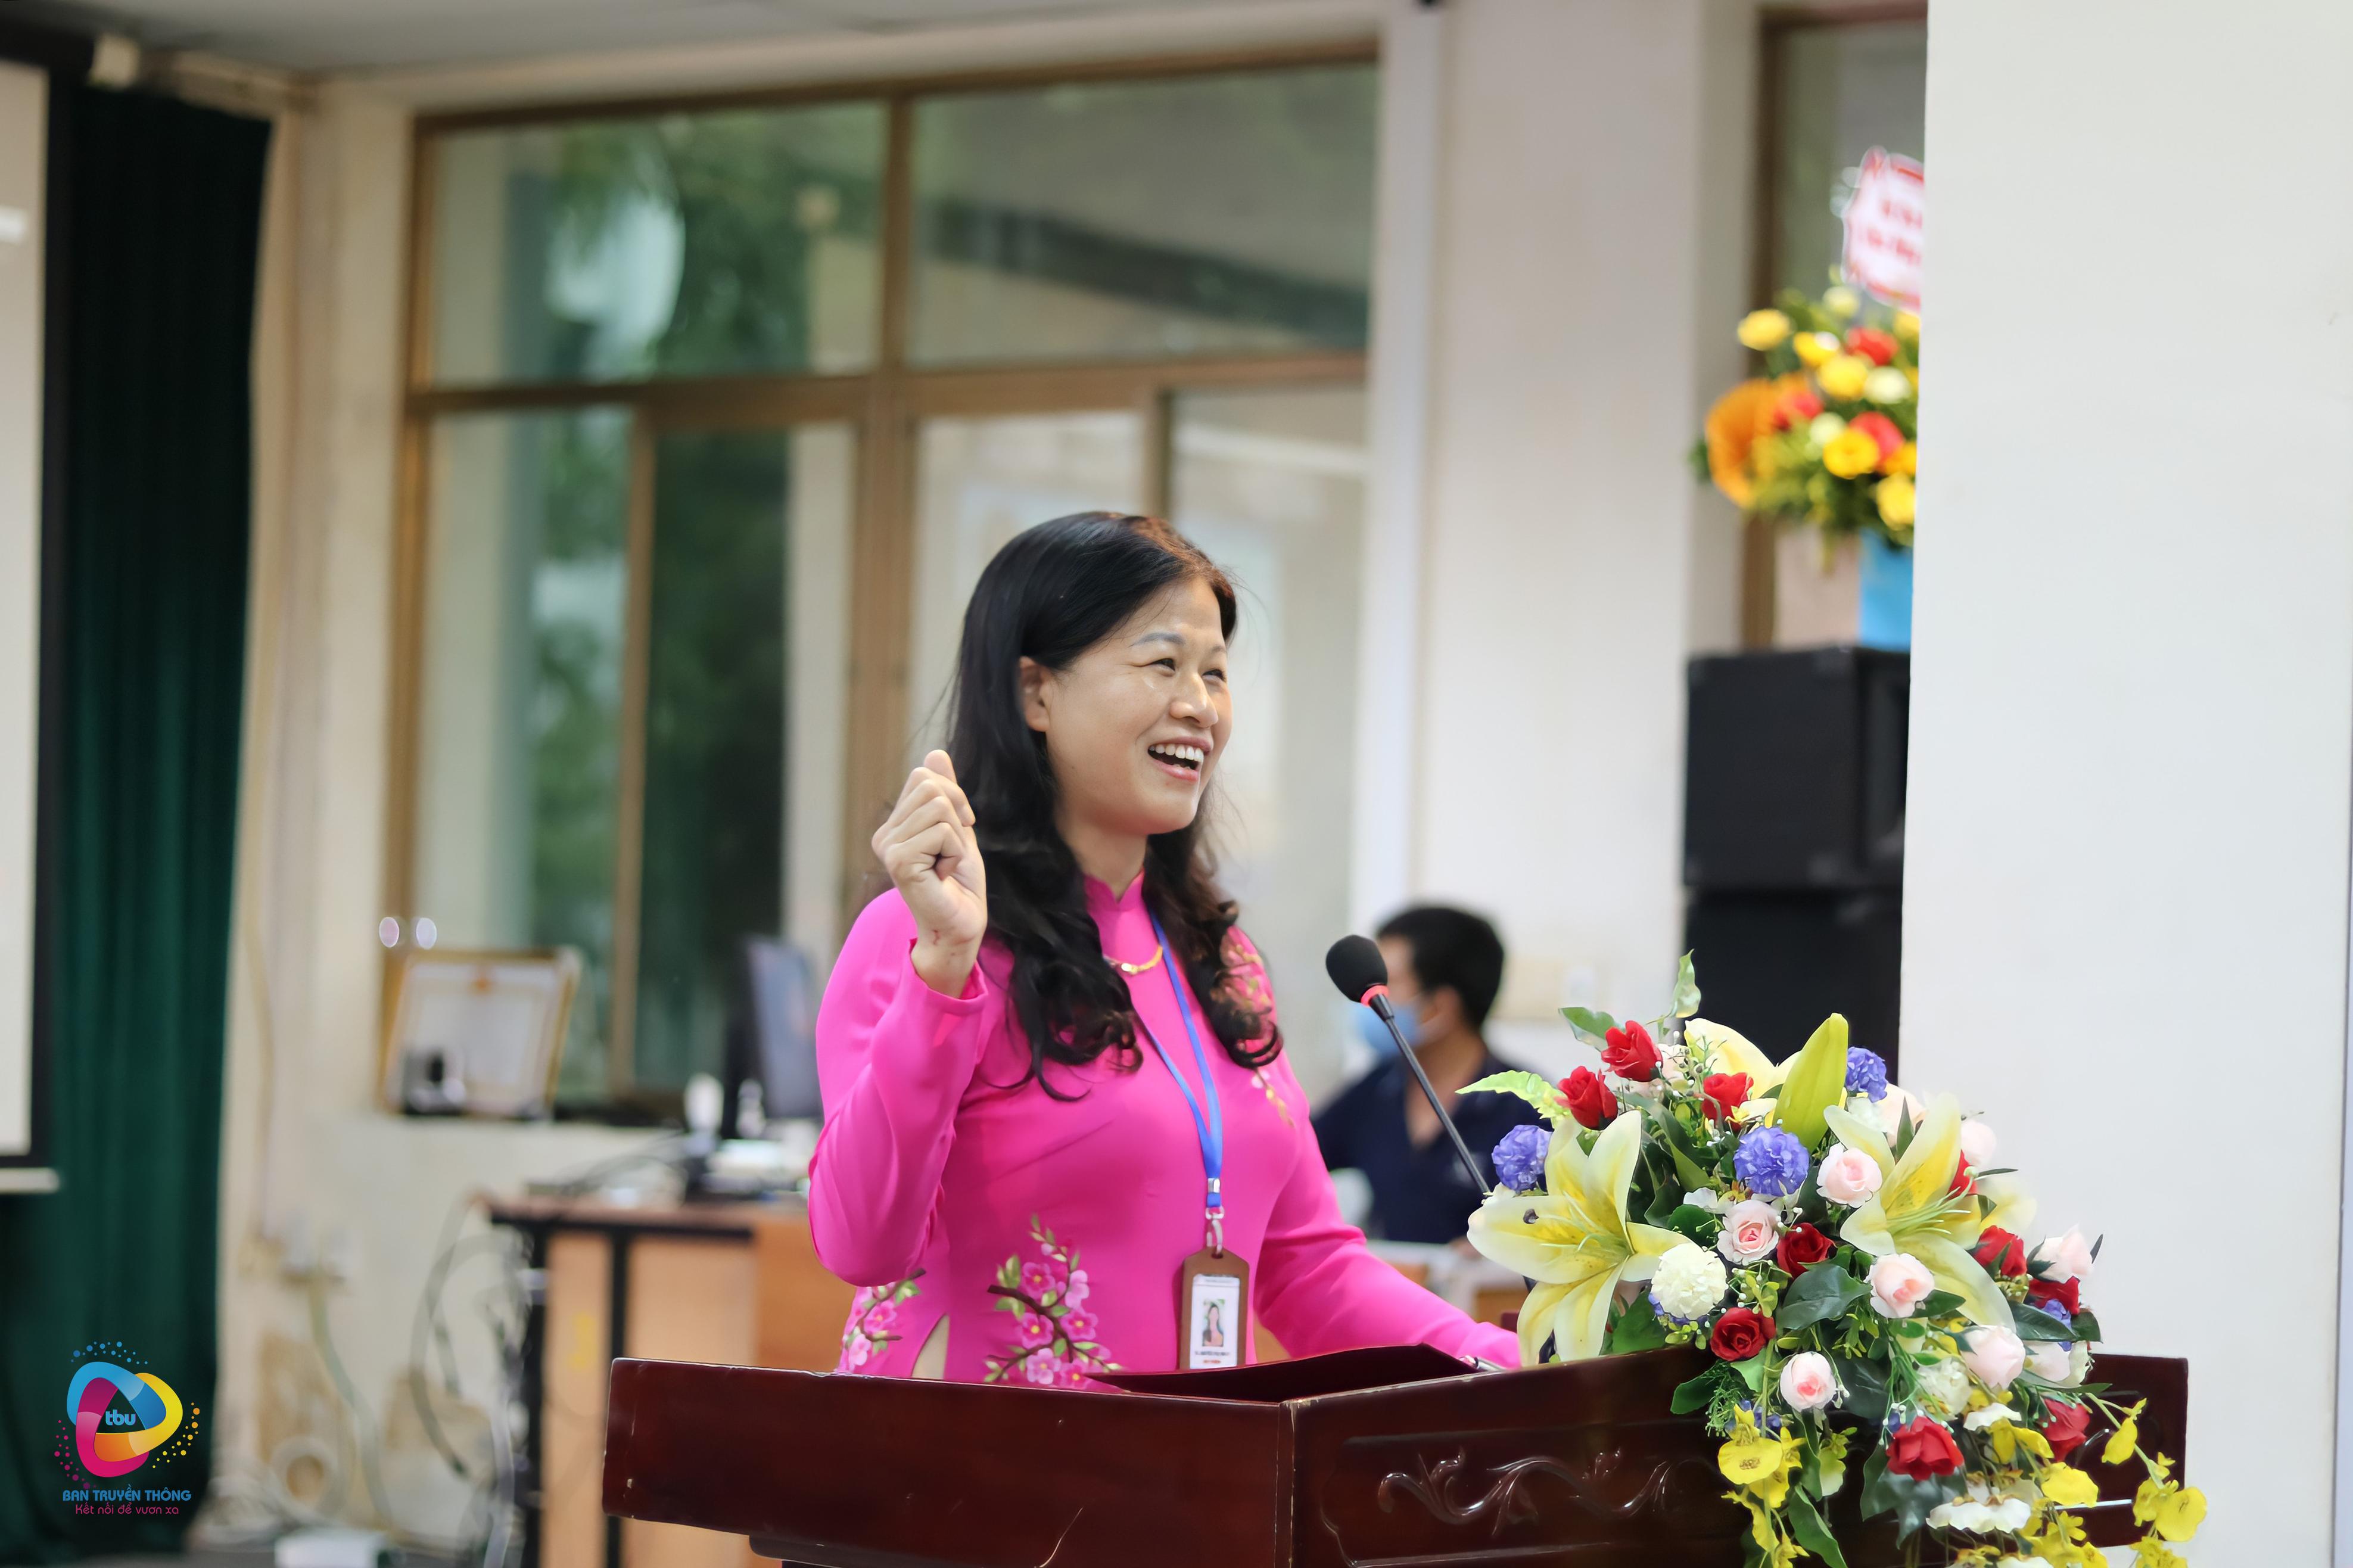 Lễ khai giảng năm học 2021 - 2022 bậc Trung cấp (hệ liên kết)